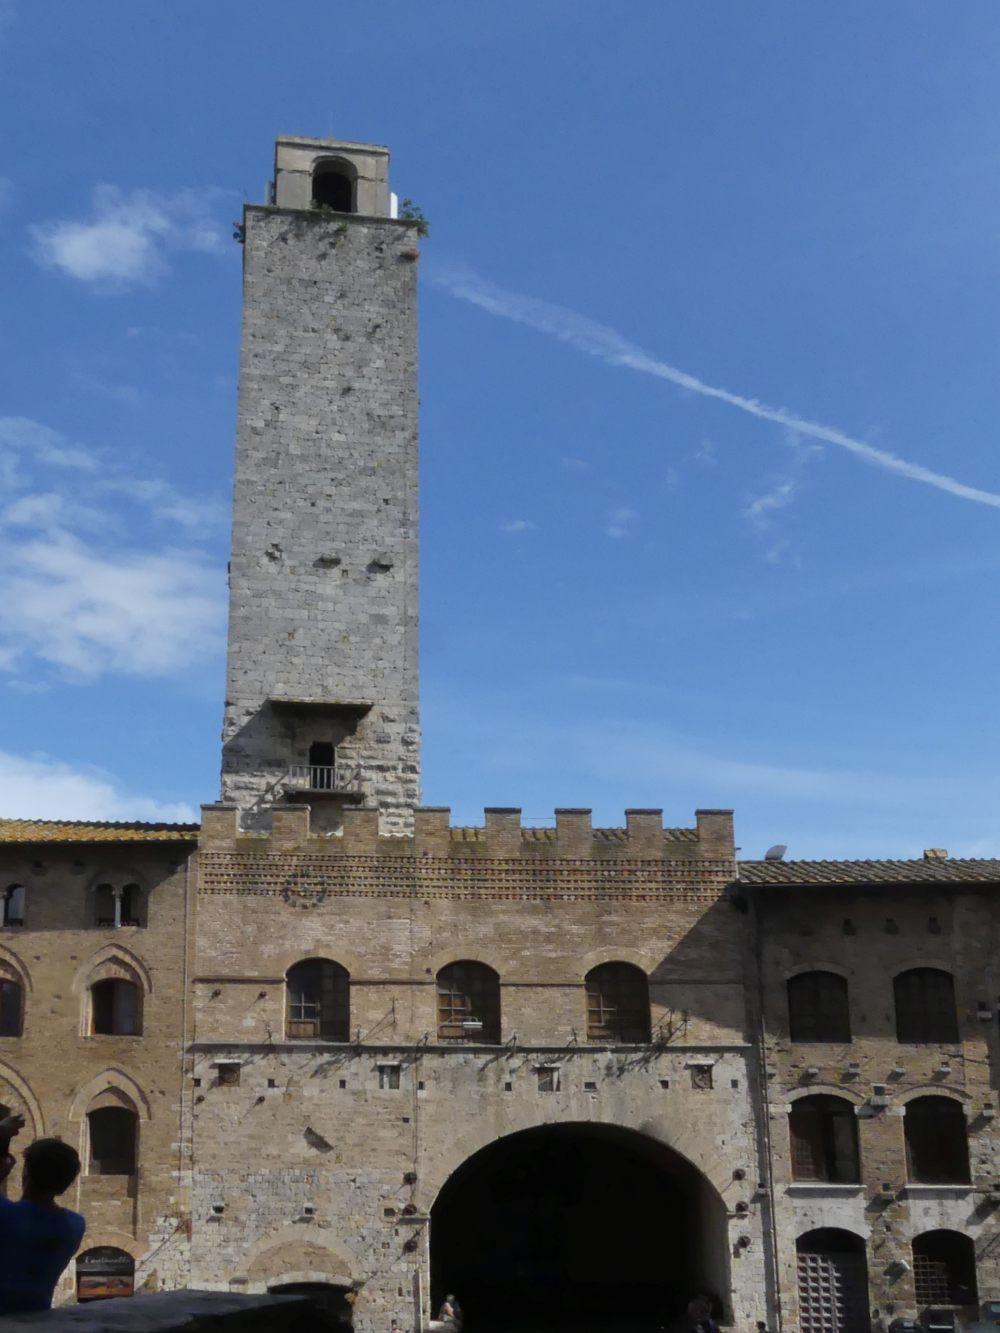 Palast mit großem Torbogen und hohem Turm.